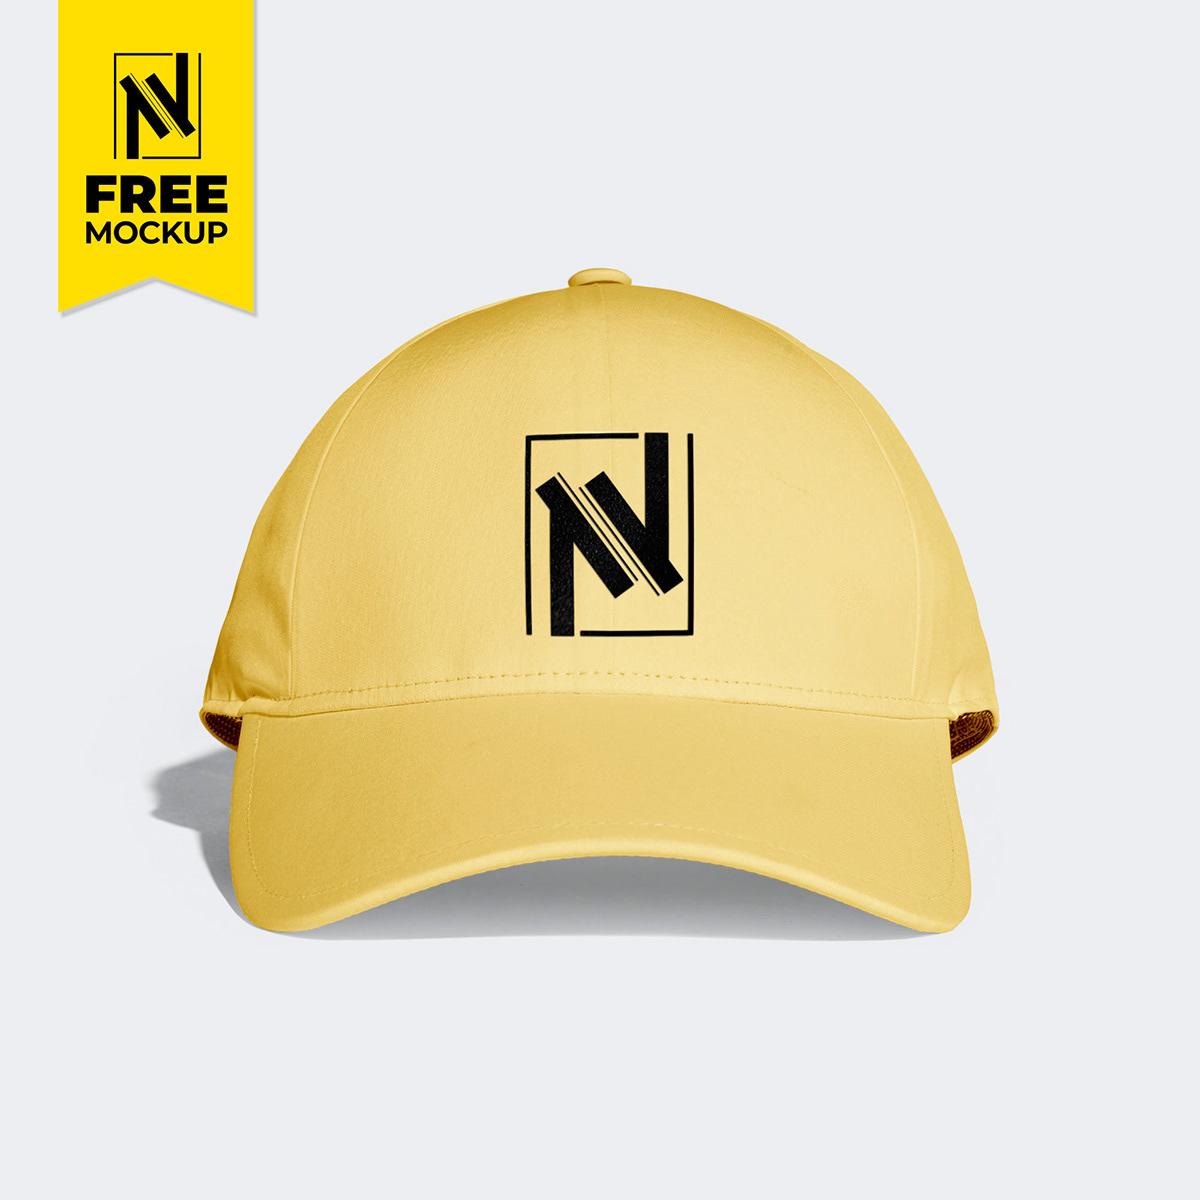 cap free Mockup graphic Nabil Al-Nemer mockups